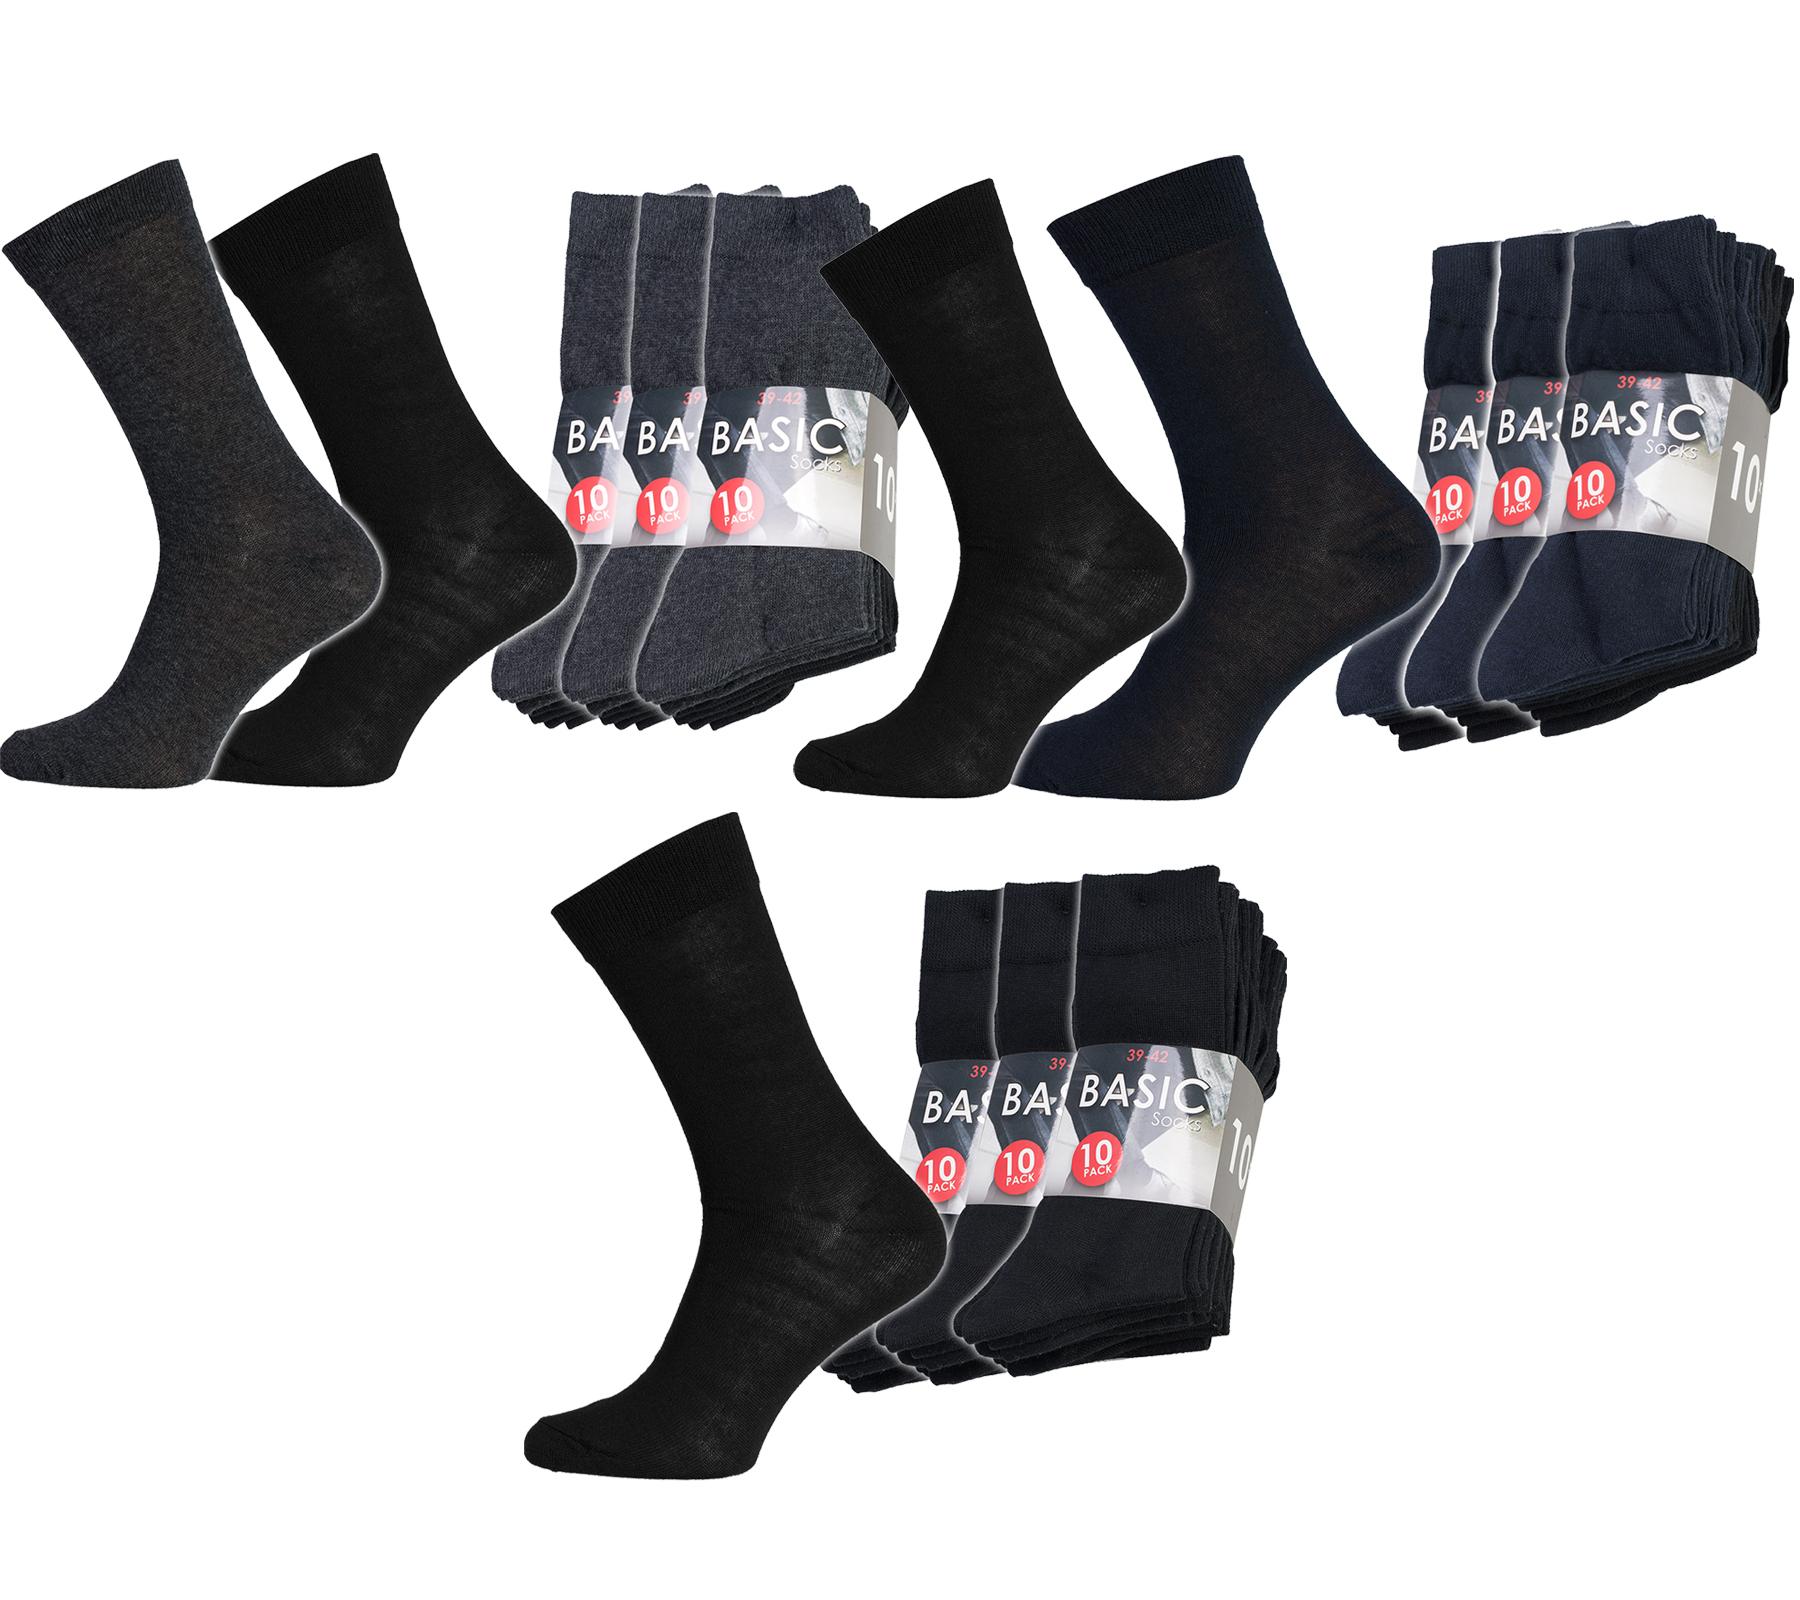 30er Pack Basic Business Socken für 10€ - für die Größen 39 bis 46, verschiedene Farben